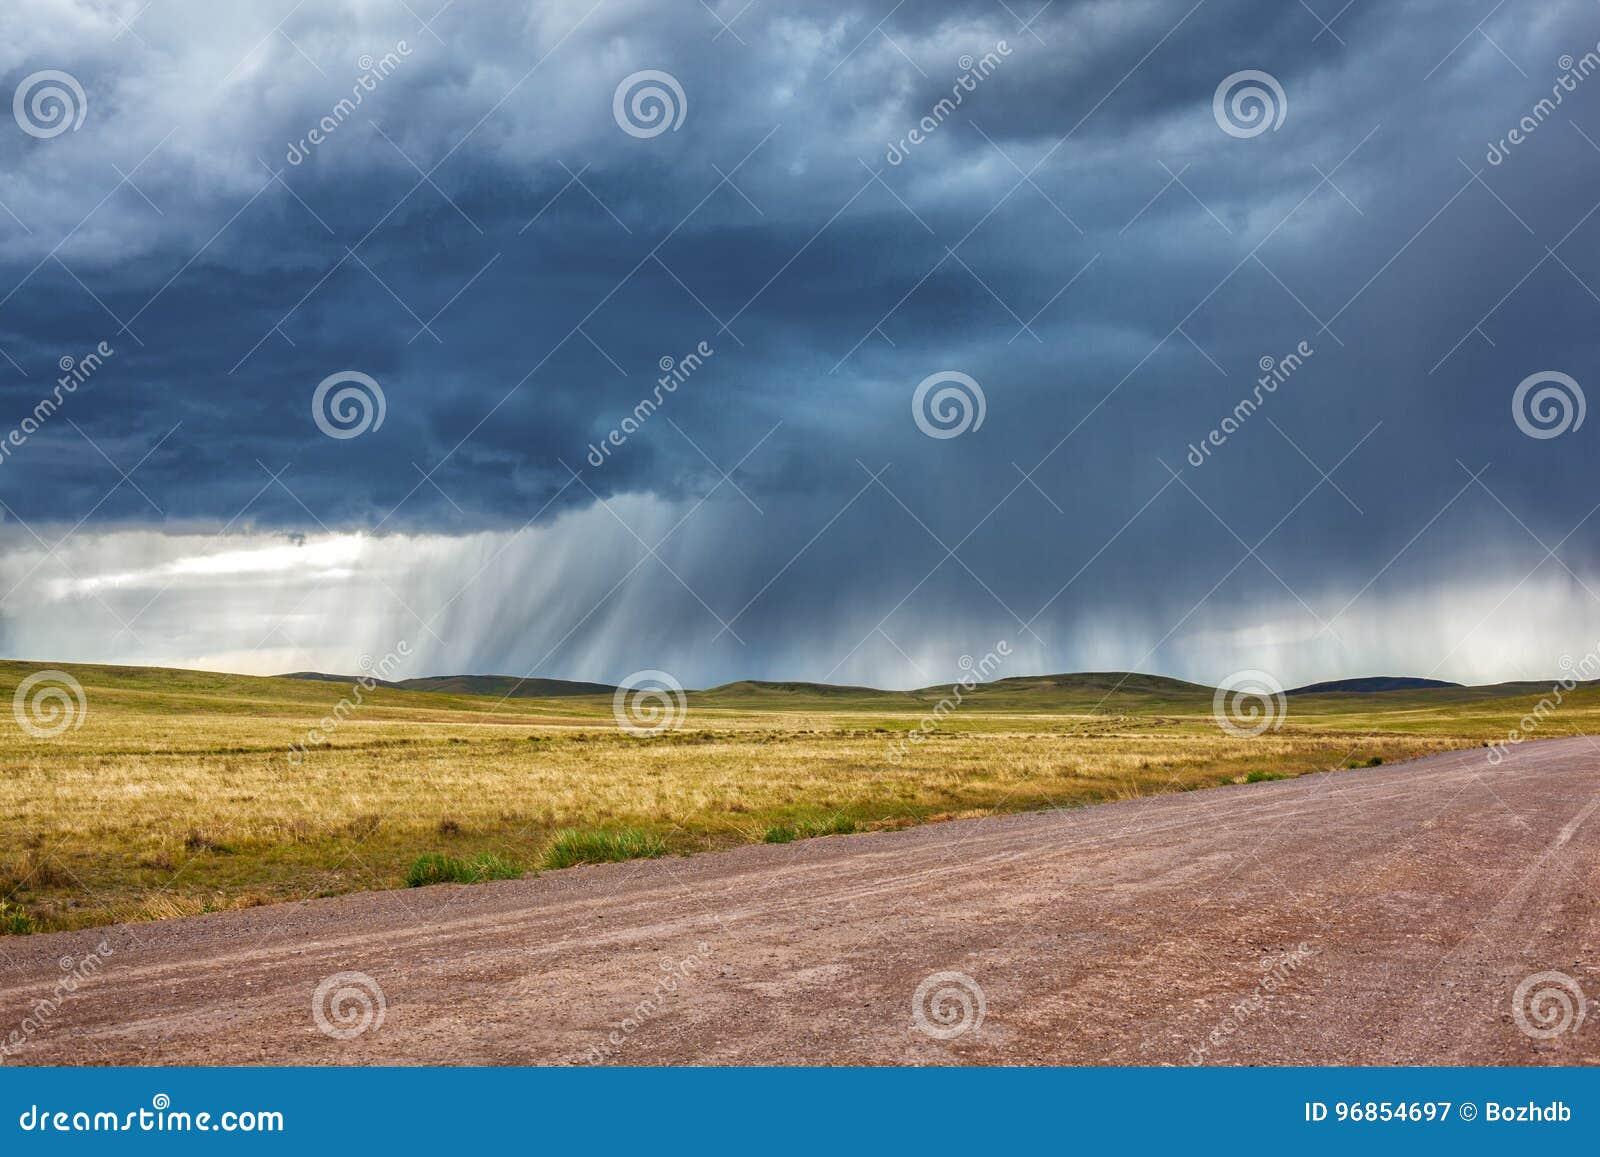 Lluvia sobre el camino en la estepa de Kazajistán